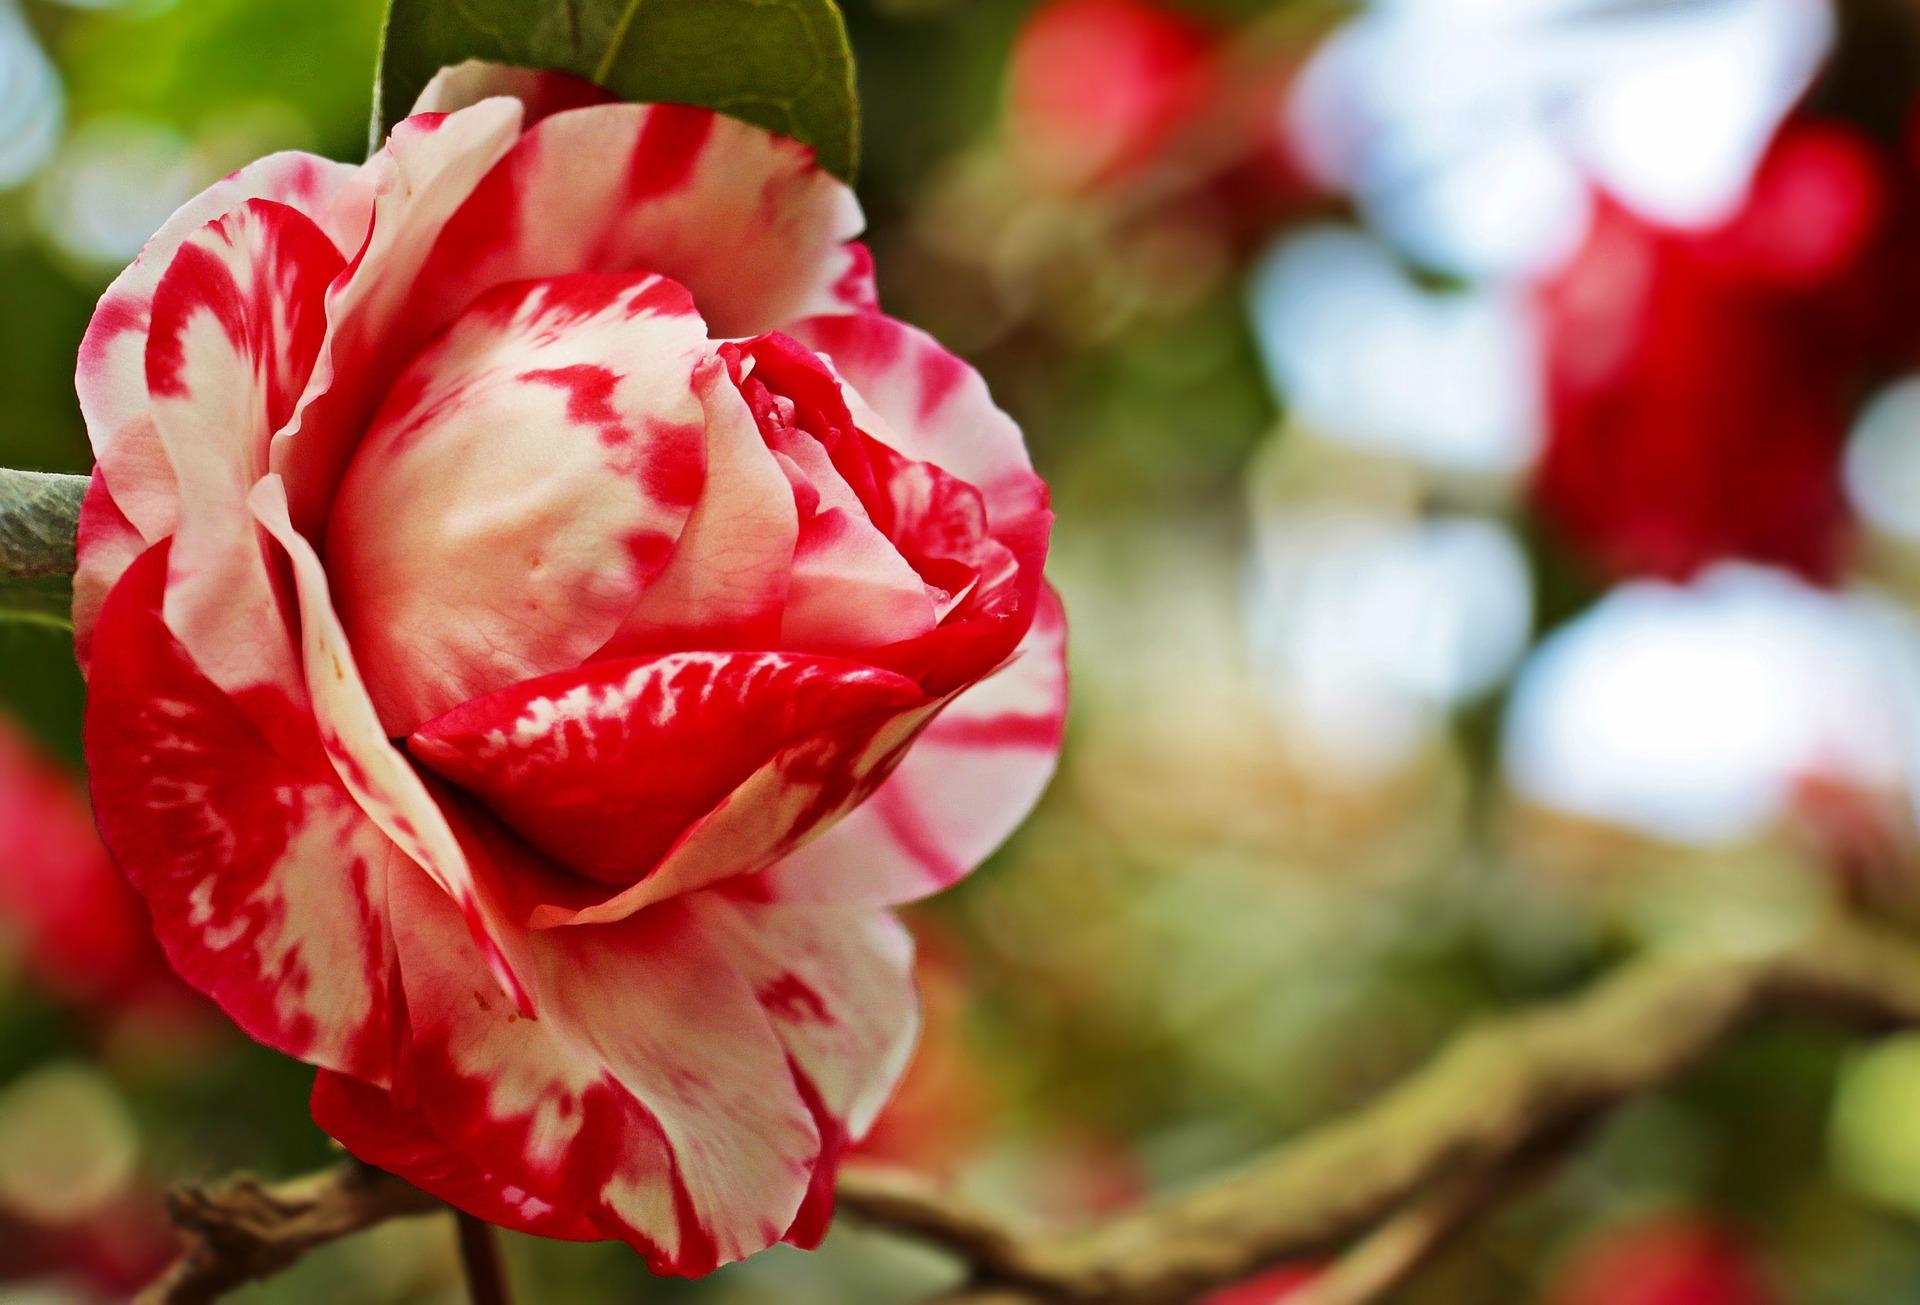 بالصور صور ورد جميل , ارق و اروع انواع الورود 6206 1